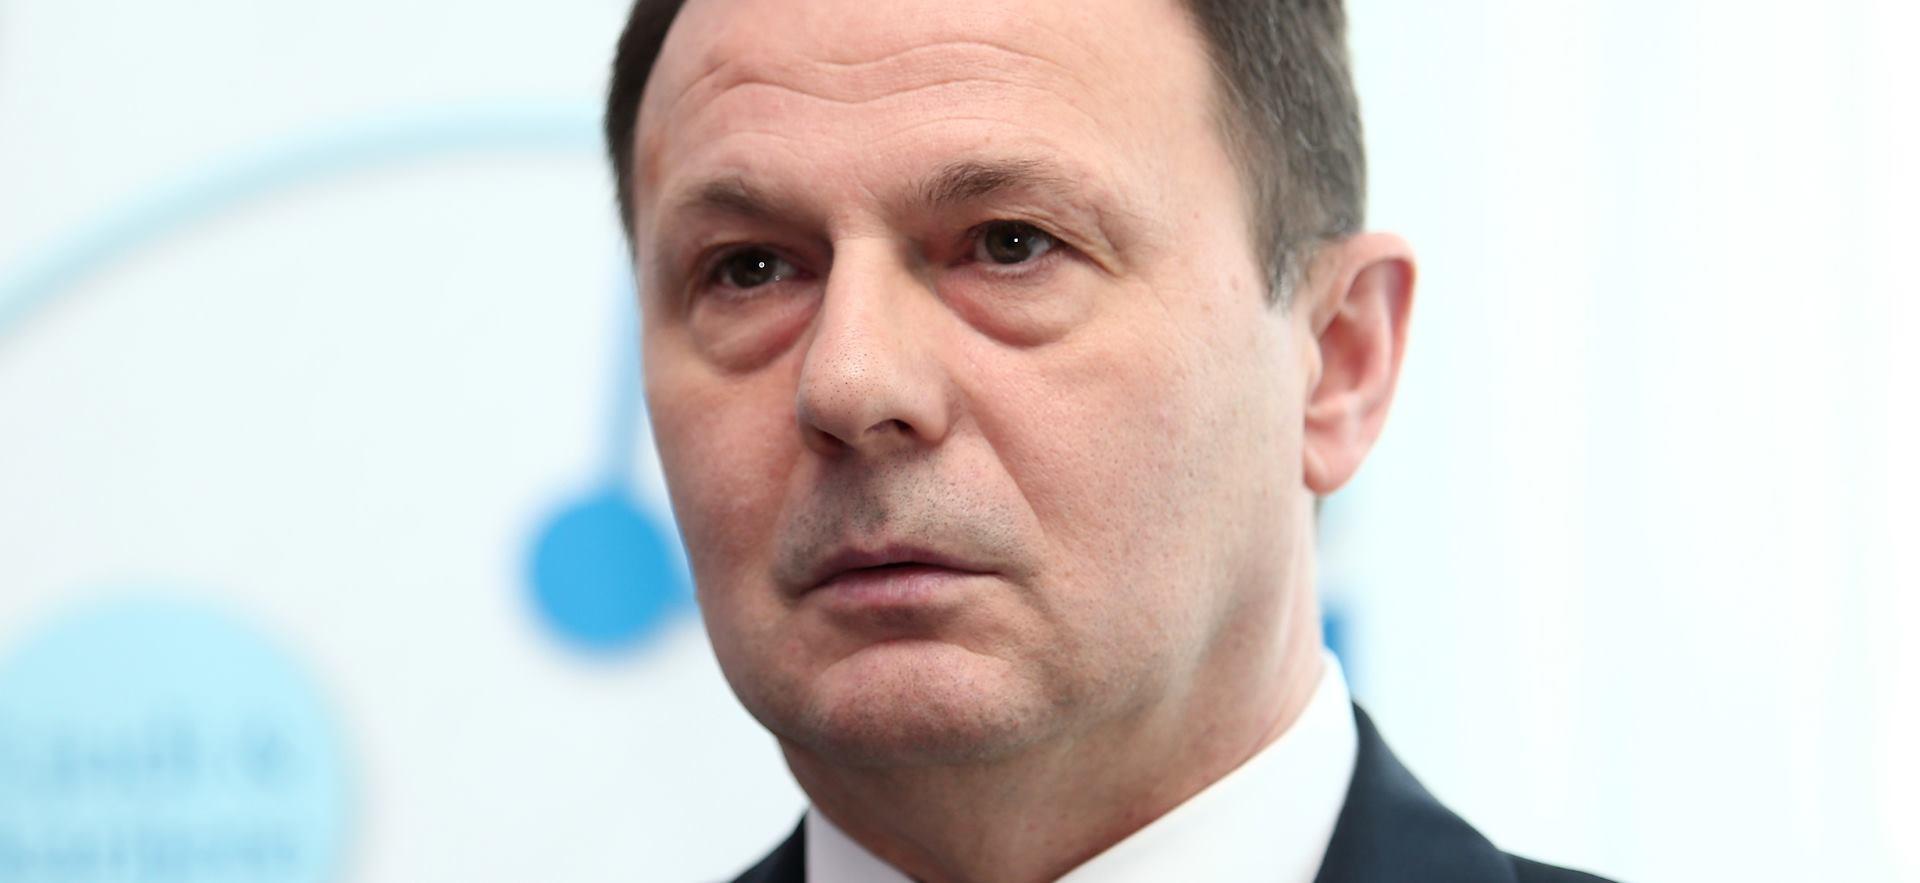 Hrvatska obrtnička komora potpisala Sporazum o međusobnim odnosima s tvrtkom Select posredovanje d.o.o.